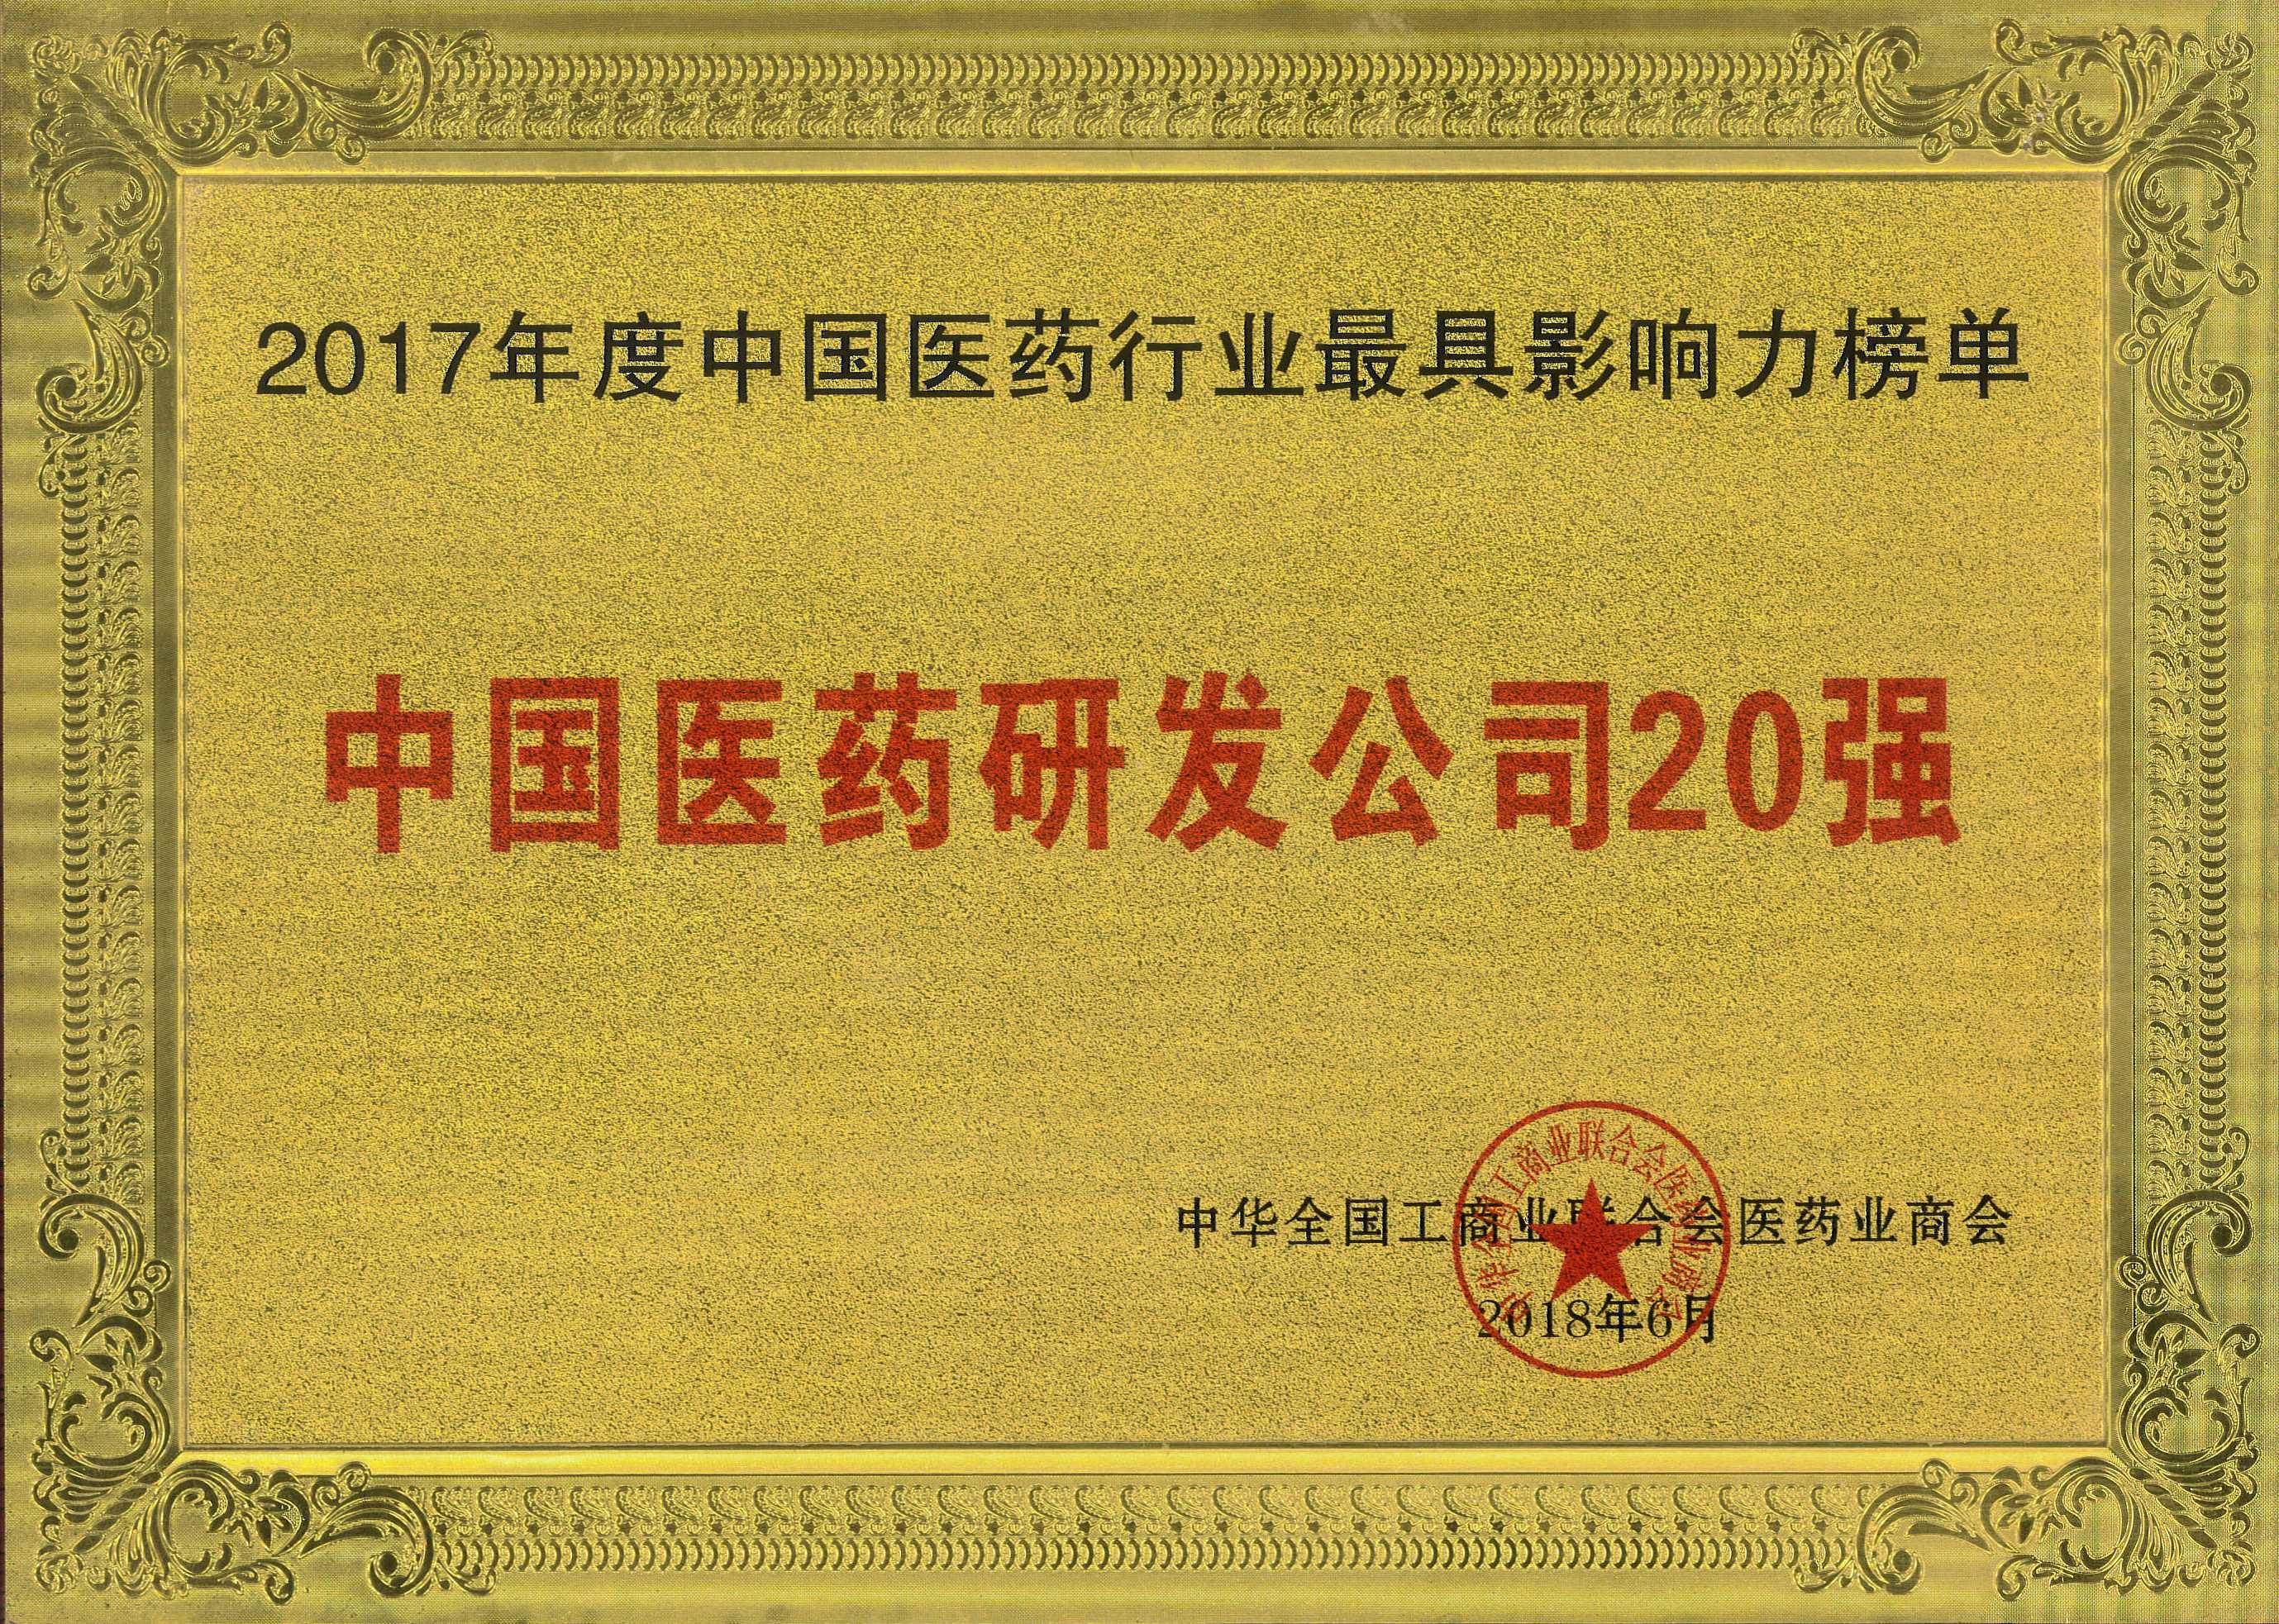 諾和-中國醫藥研發20強2017